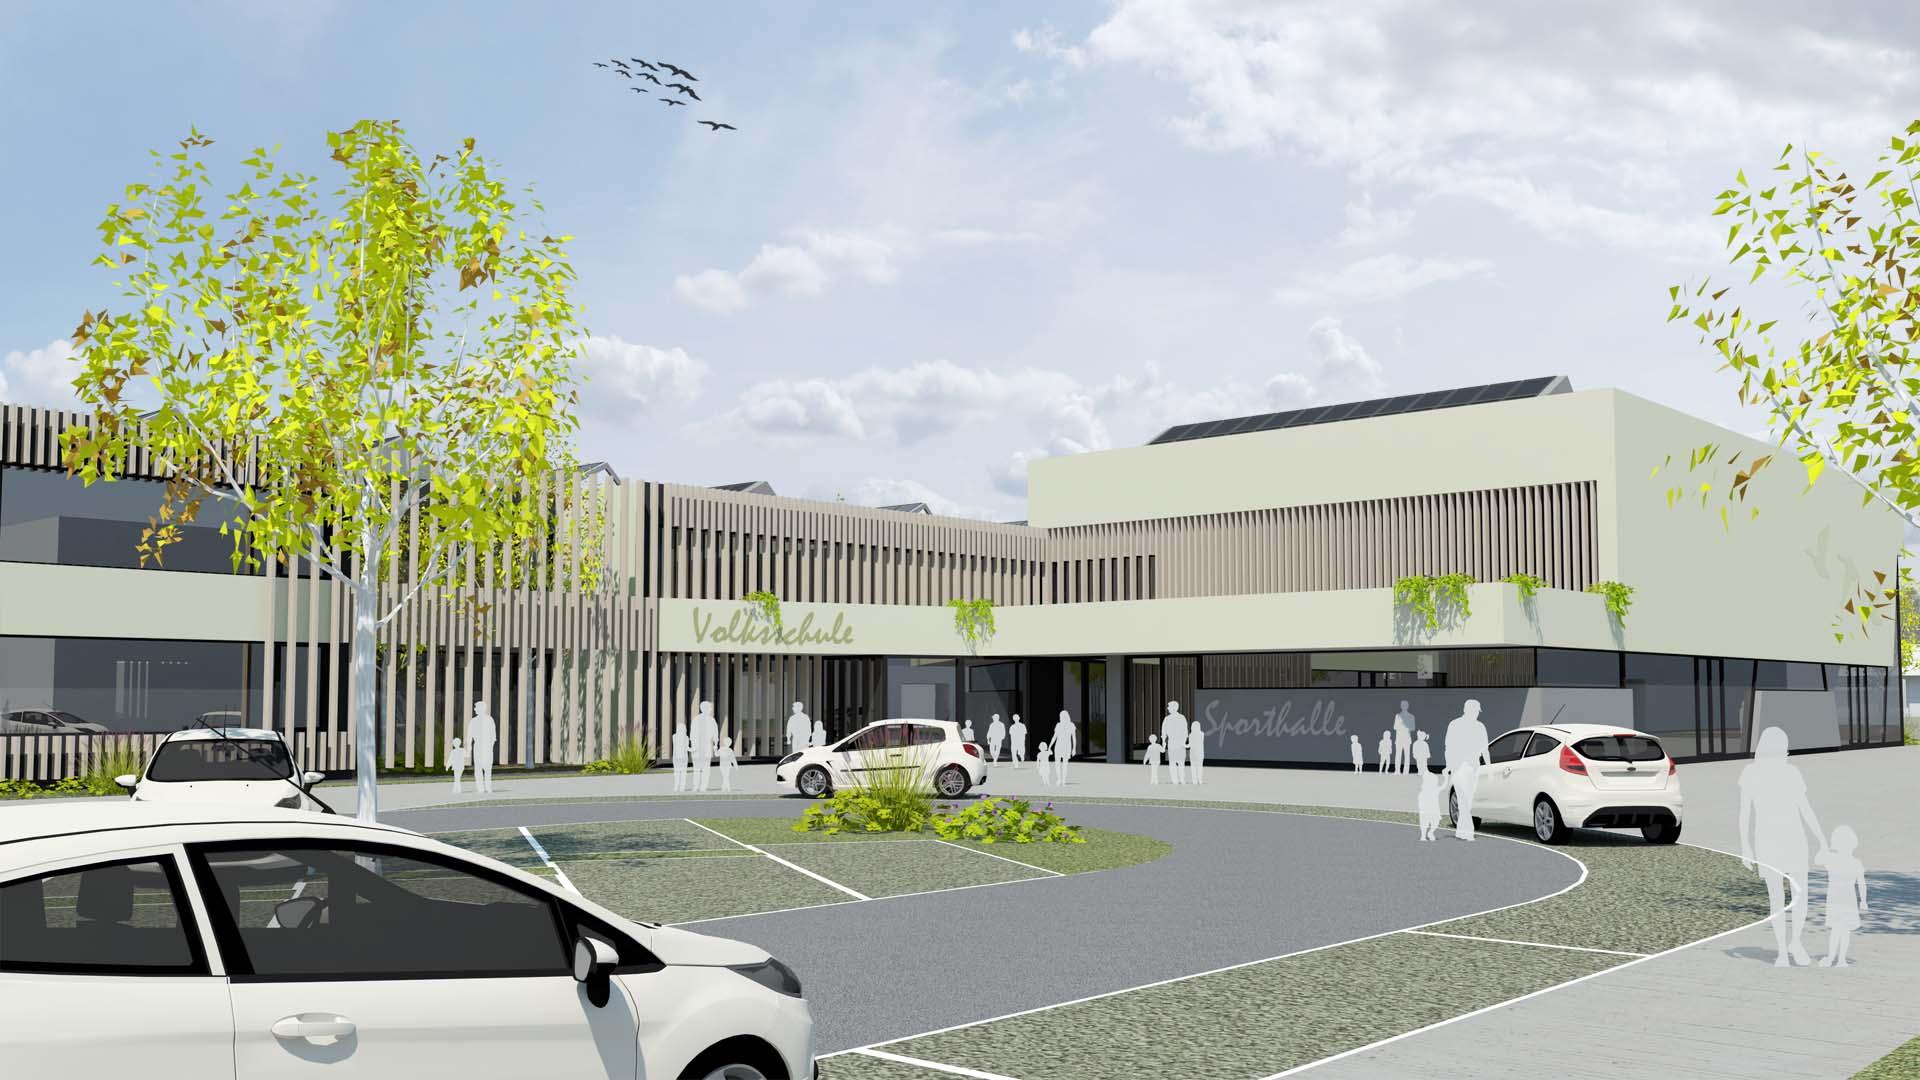 volksschule wettbewerb gänserndorf architektur